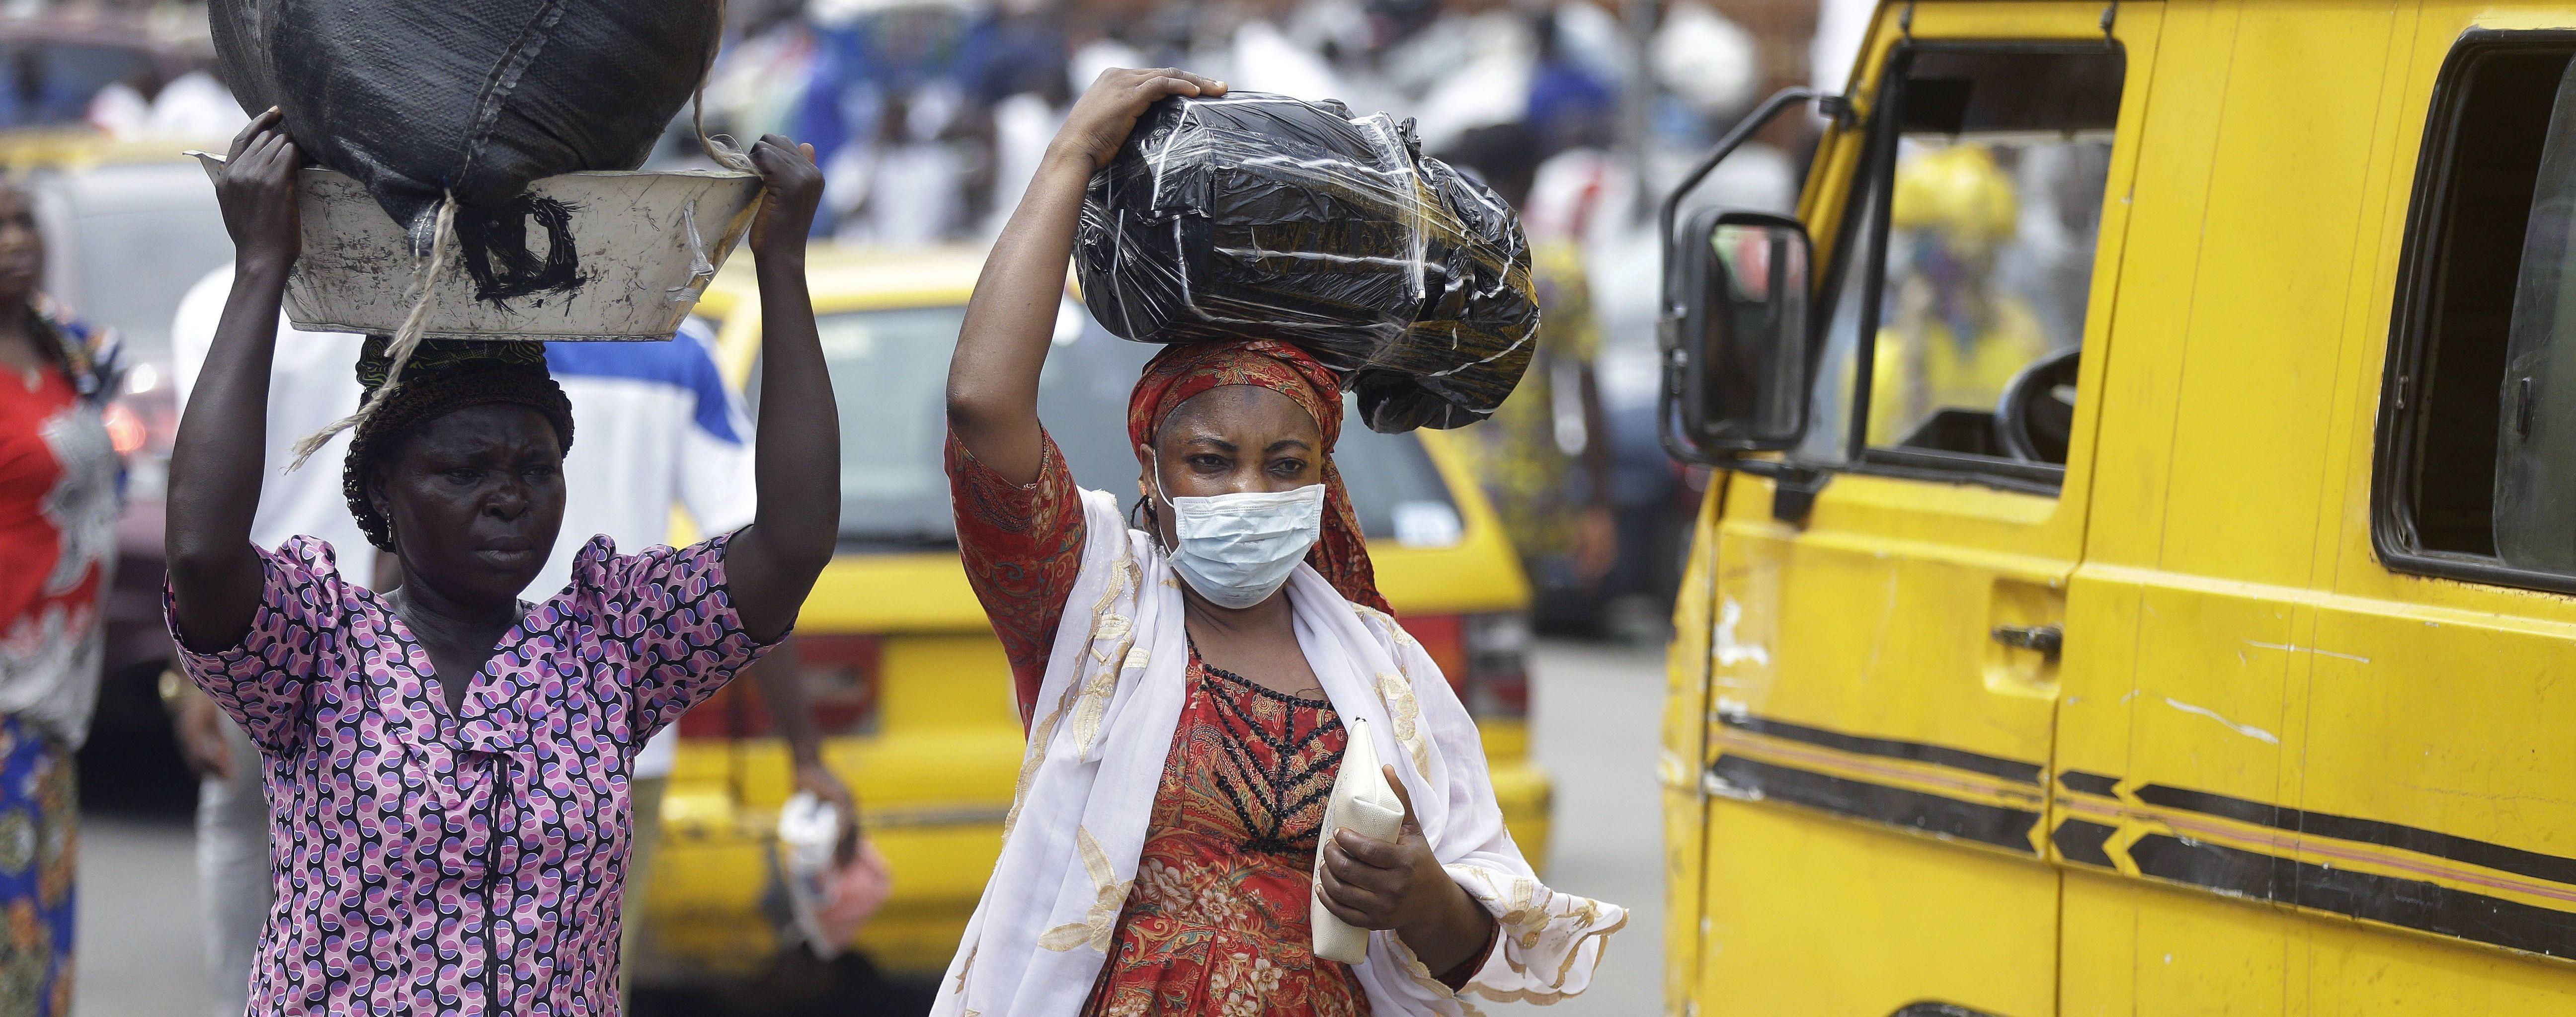 В Нигерии загадочная болезнь убила девушку: более 30 человек госпитализированы